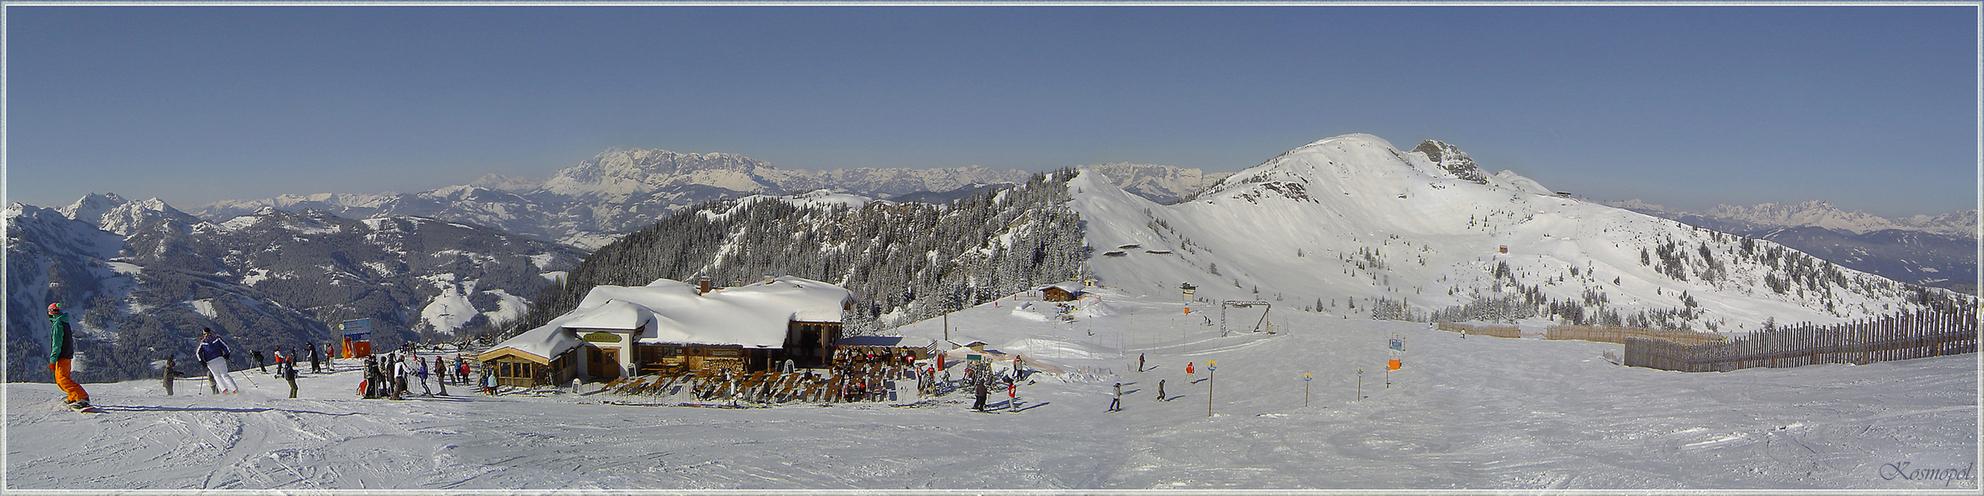 Witte Wereld - Het is weer bijna zo ver, en het begint dus weer te kriebelen. Binnenkort gaan we weer naar de sneeuw. Ik heb om alvast weer wat voor te genieten nog - foto door kosmopol op 13-11-2009 - deze foto bevat: sneeuw, bergen, ski